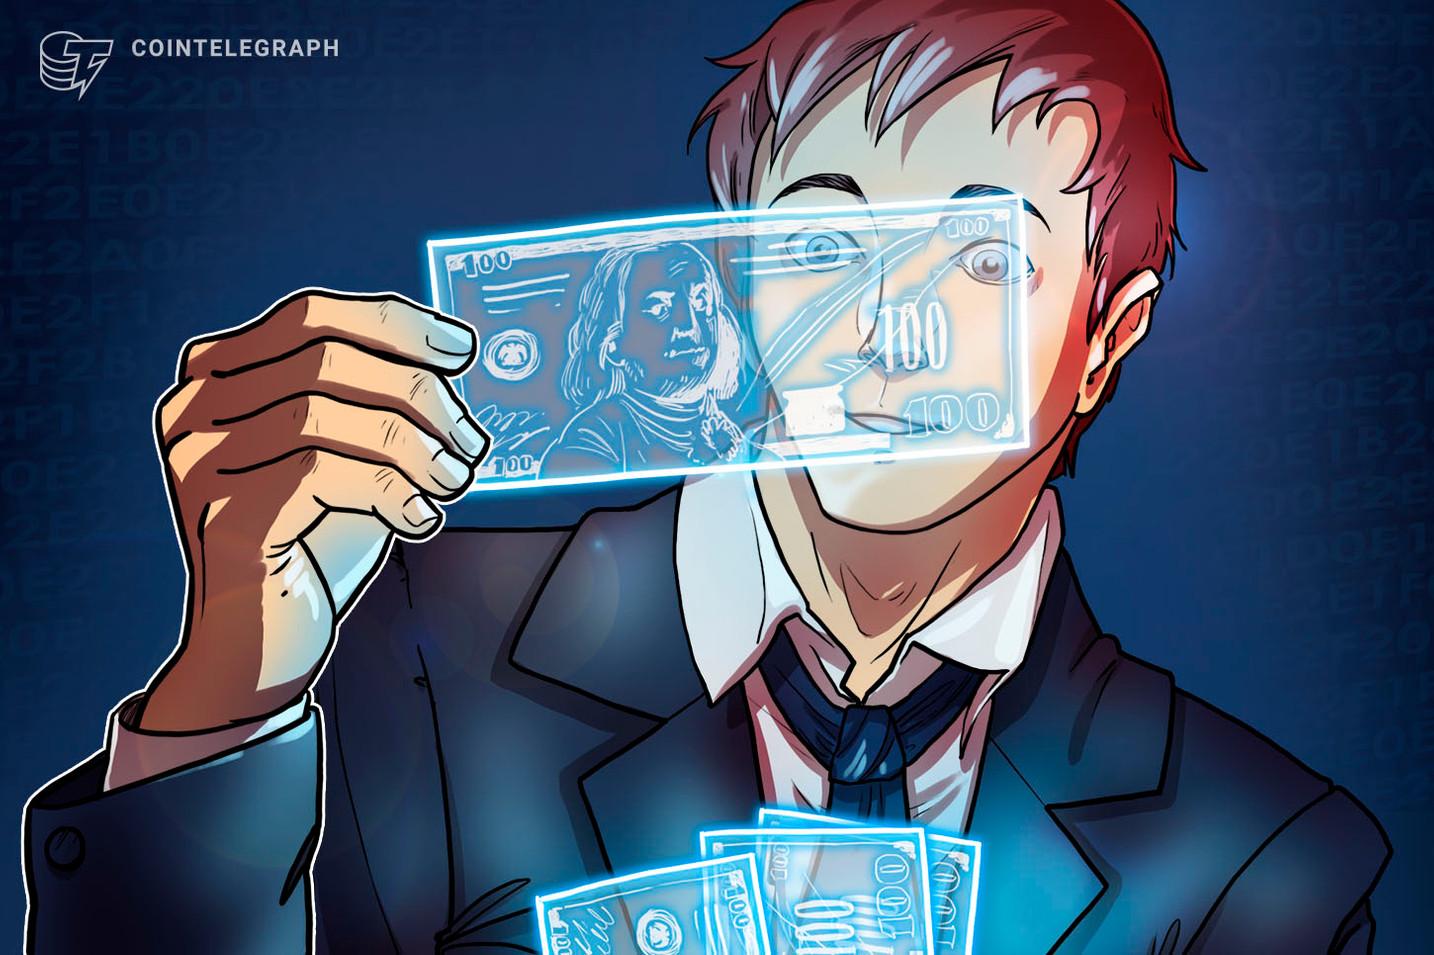 プライバシー機能でデジタル人民元と差別化を デジタルドルプロジェクト提唱者が主張